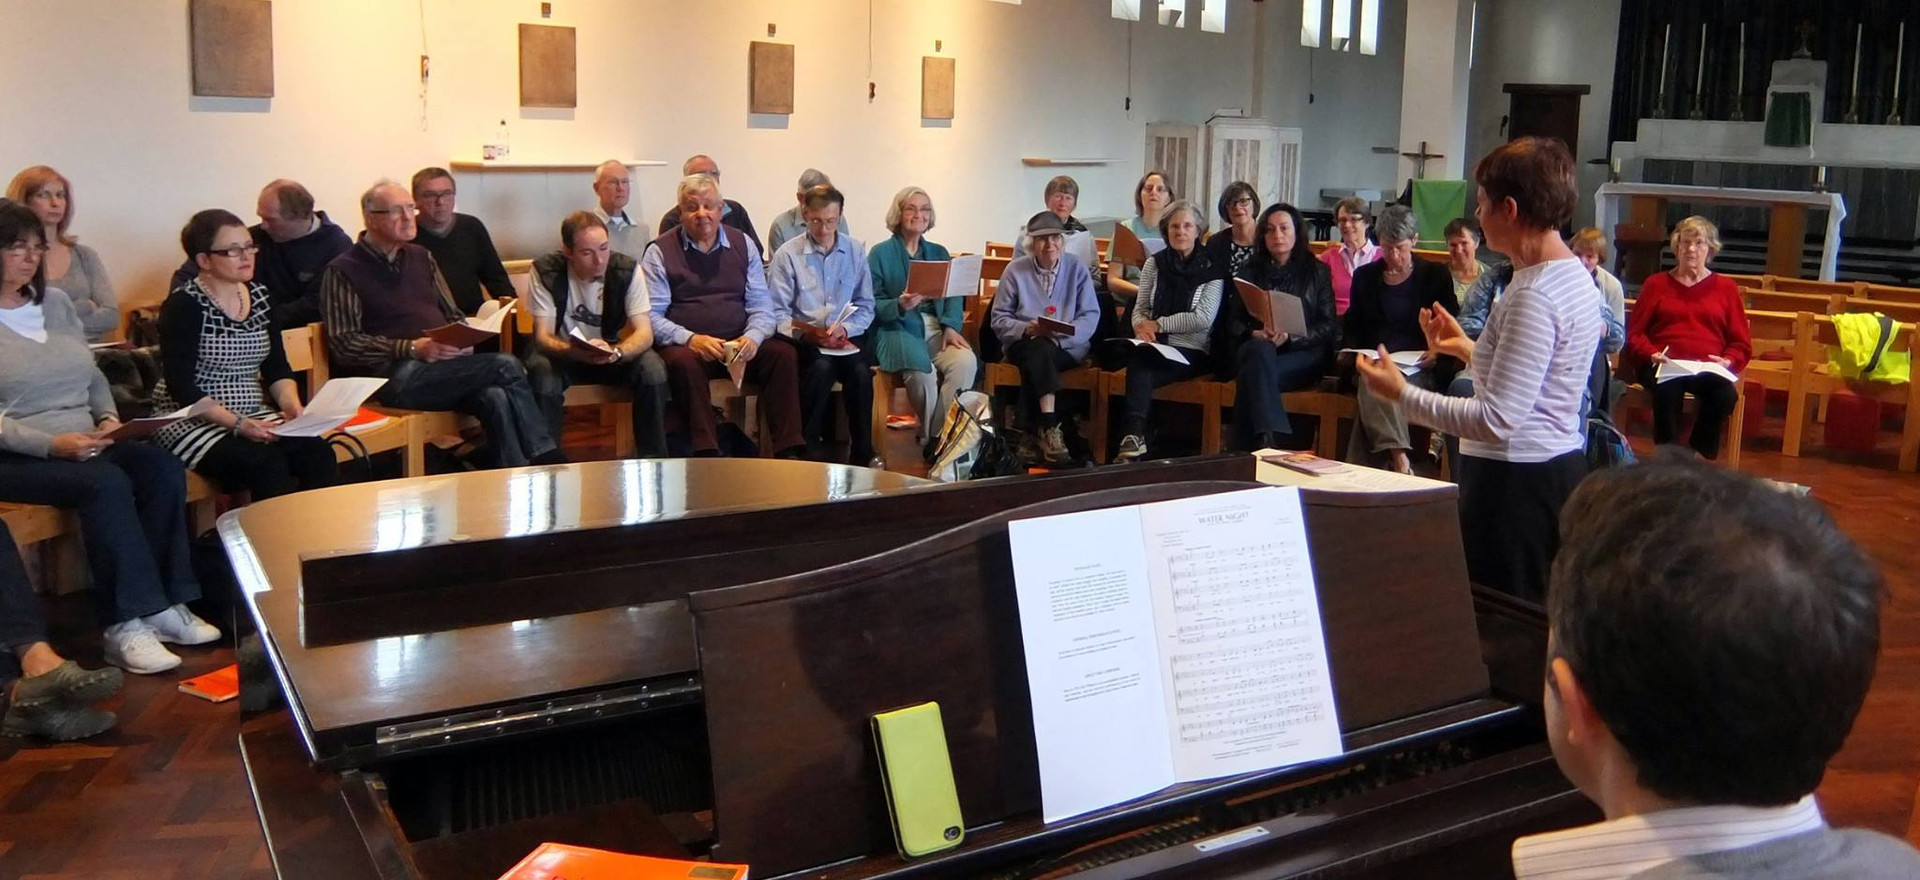 Choral workshop 2014